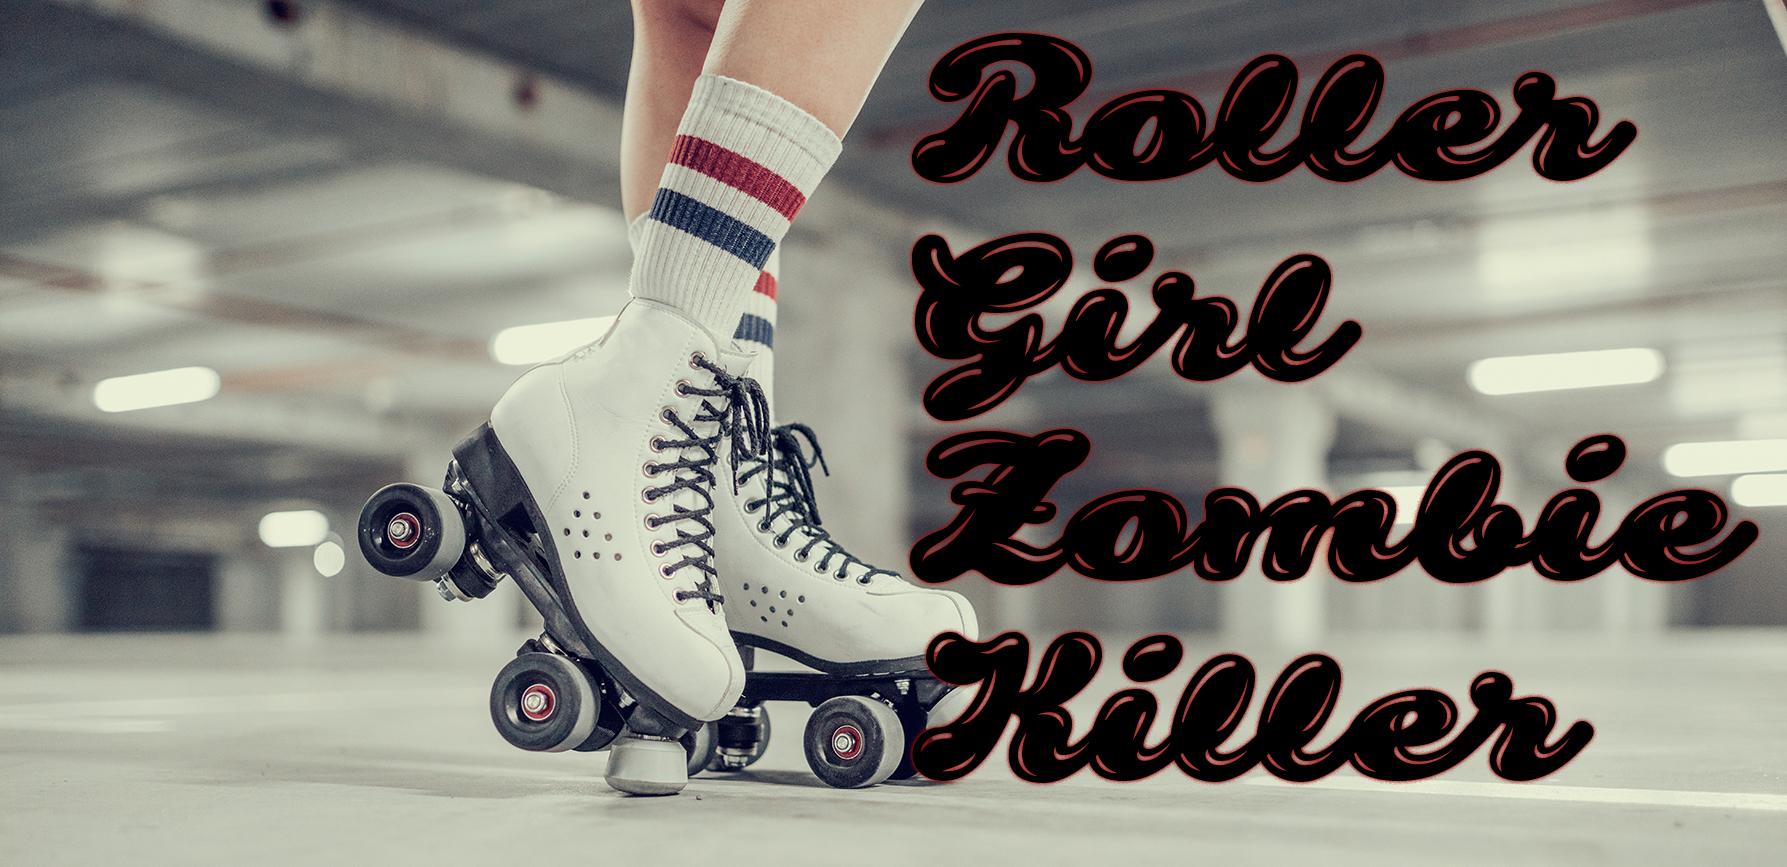 roller-girl-zombie-killer-header2.jpg